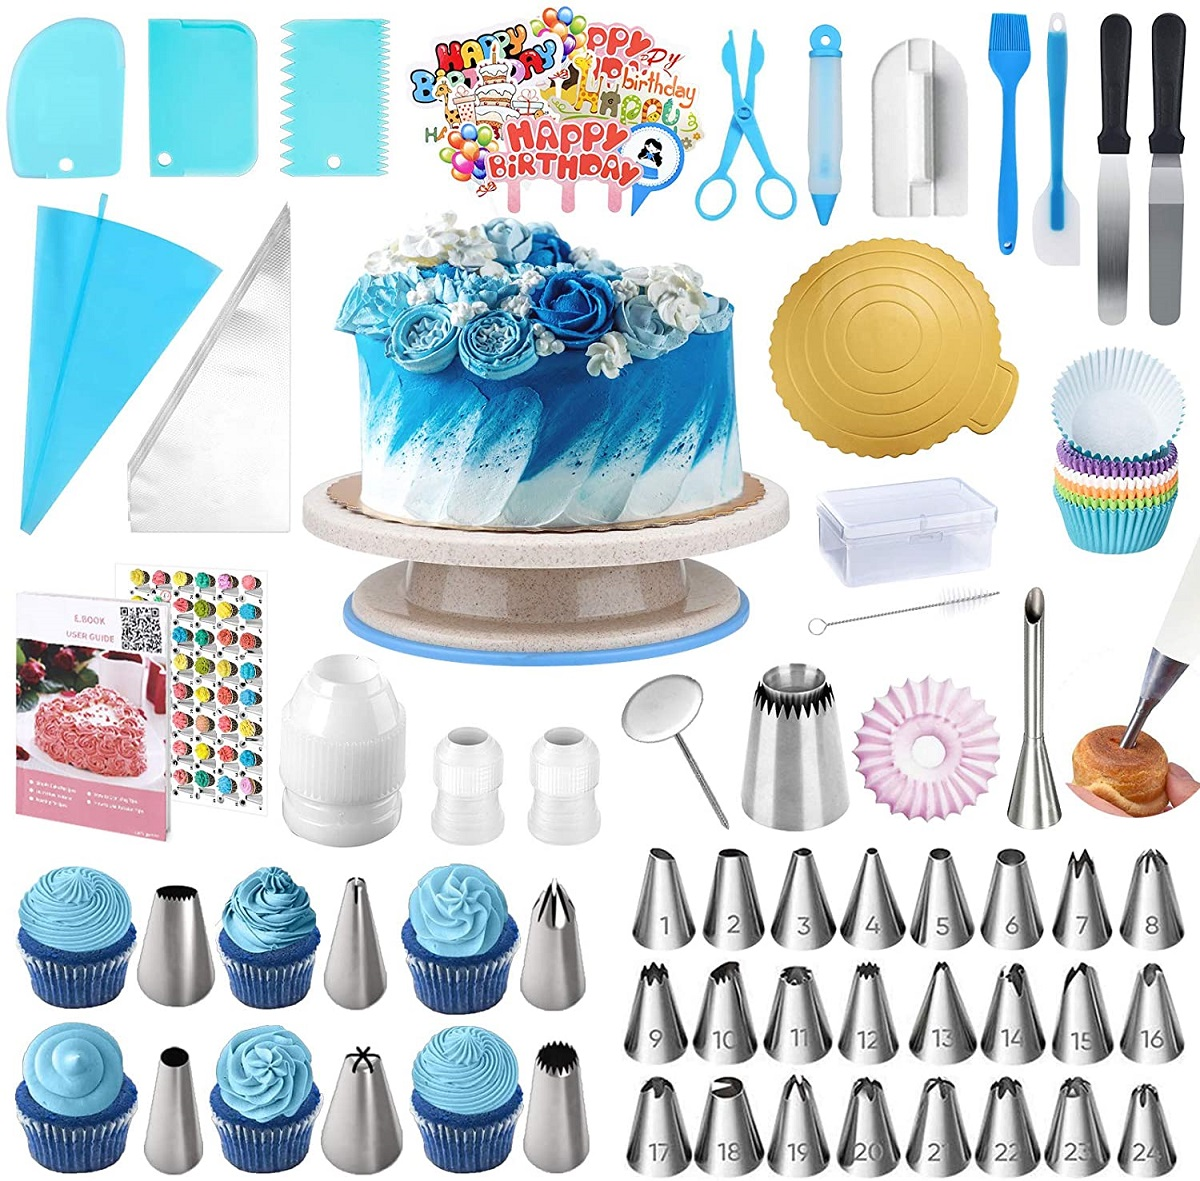 kit decorazioni torte